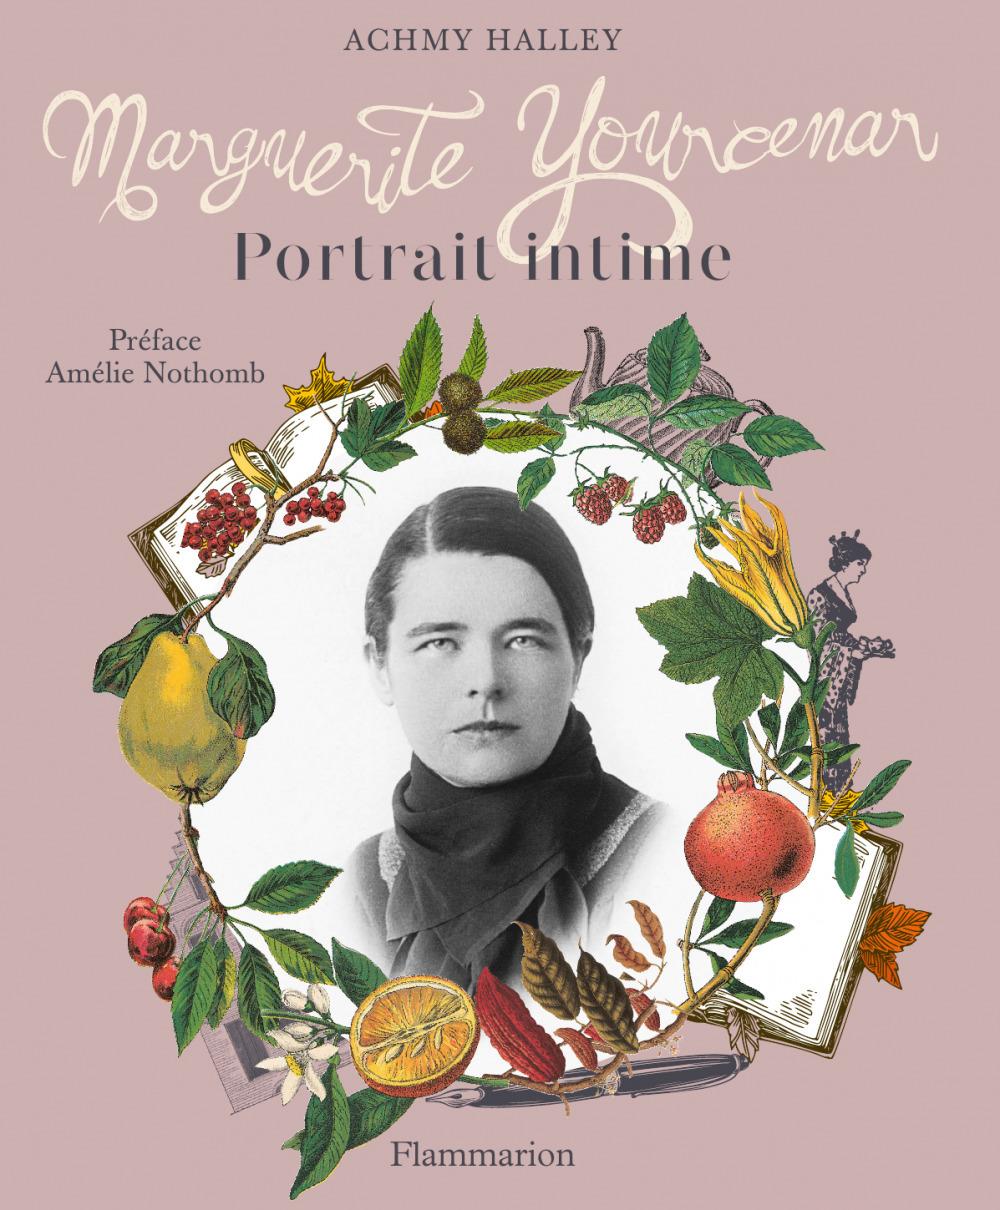 biographies et memoires - marguerite yourcenar - portrait intime